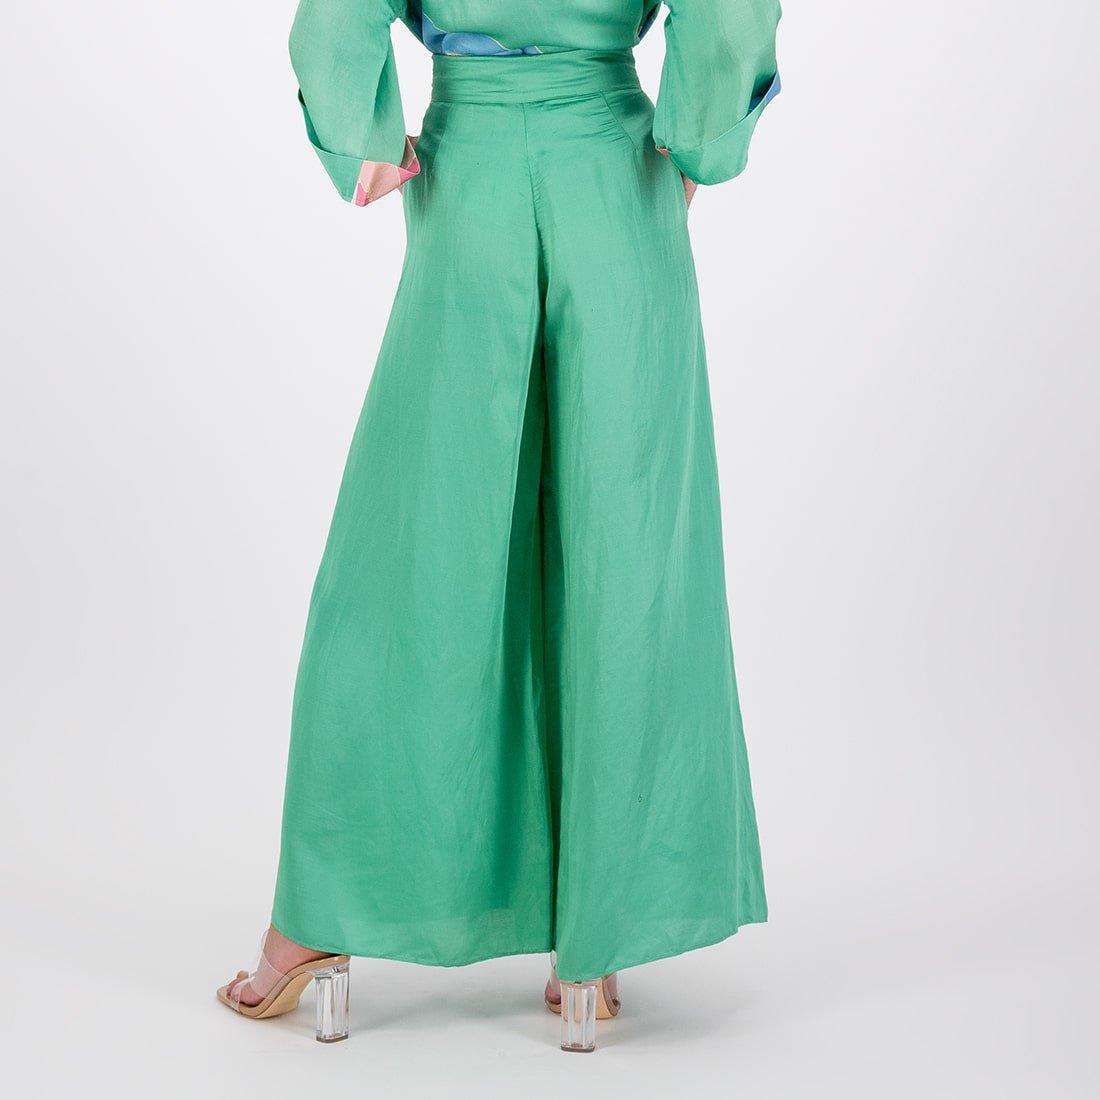 Satin viscose-linen wide-leg trouser 3